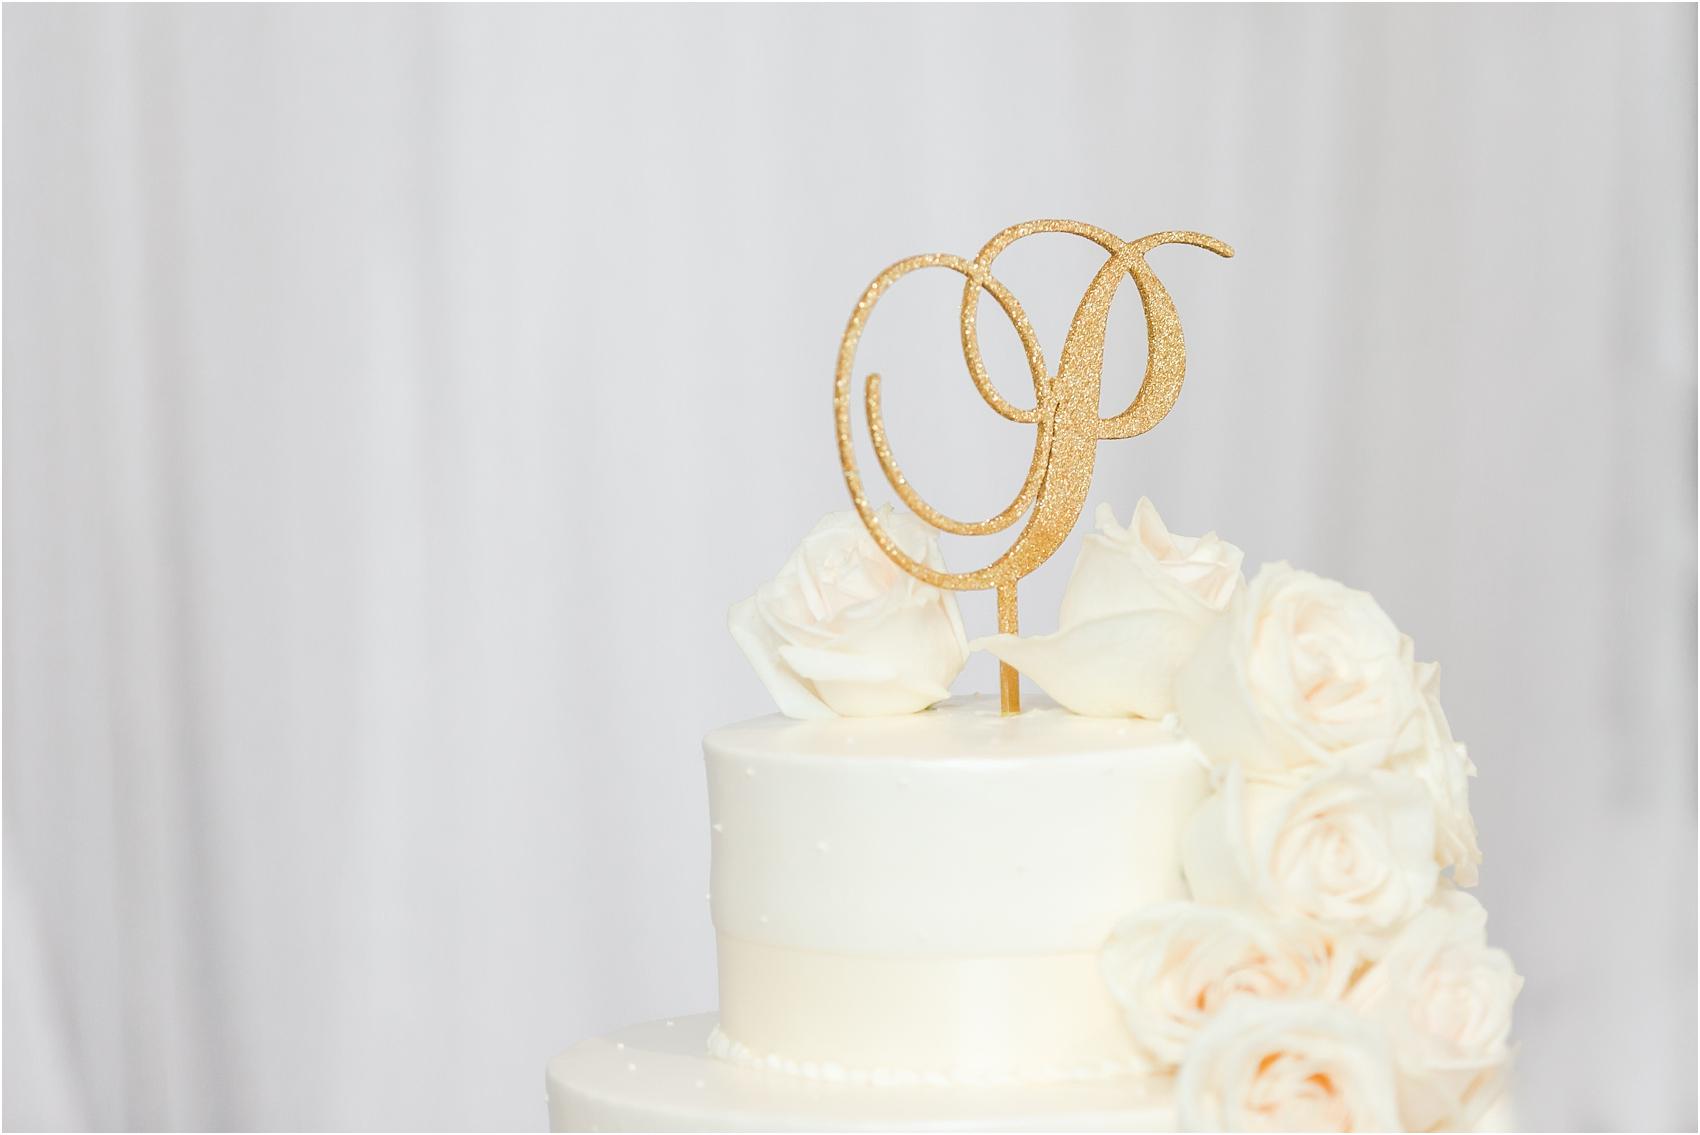 minimalist-and-modern-wedding-photos-at-30-north-saginaw-in-pontiac-michigan-by-courtney-carolyn-photography_0073.jpg